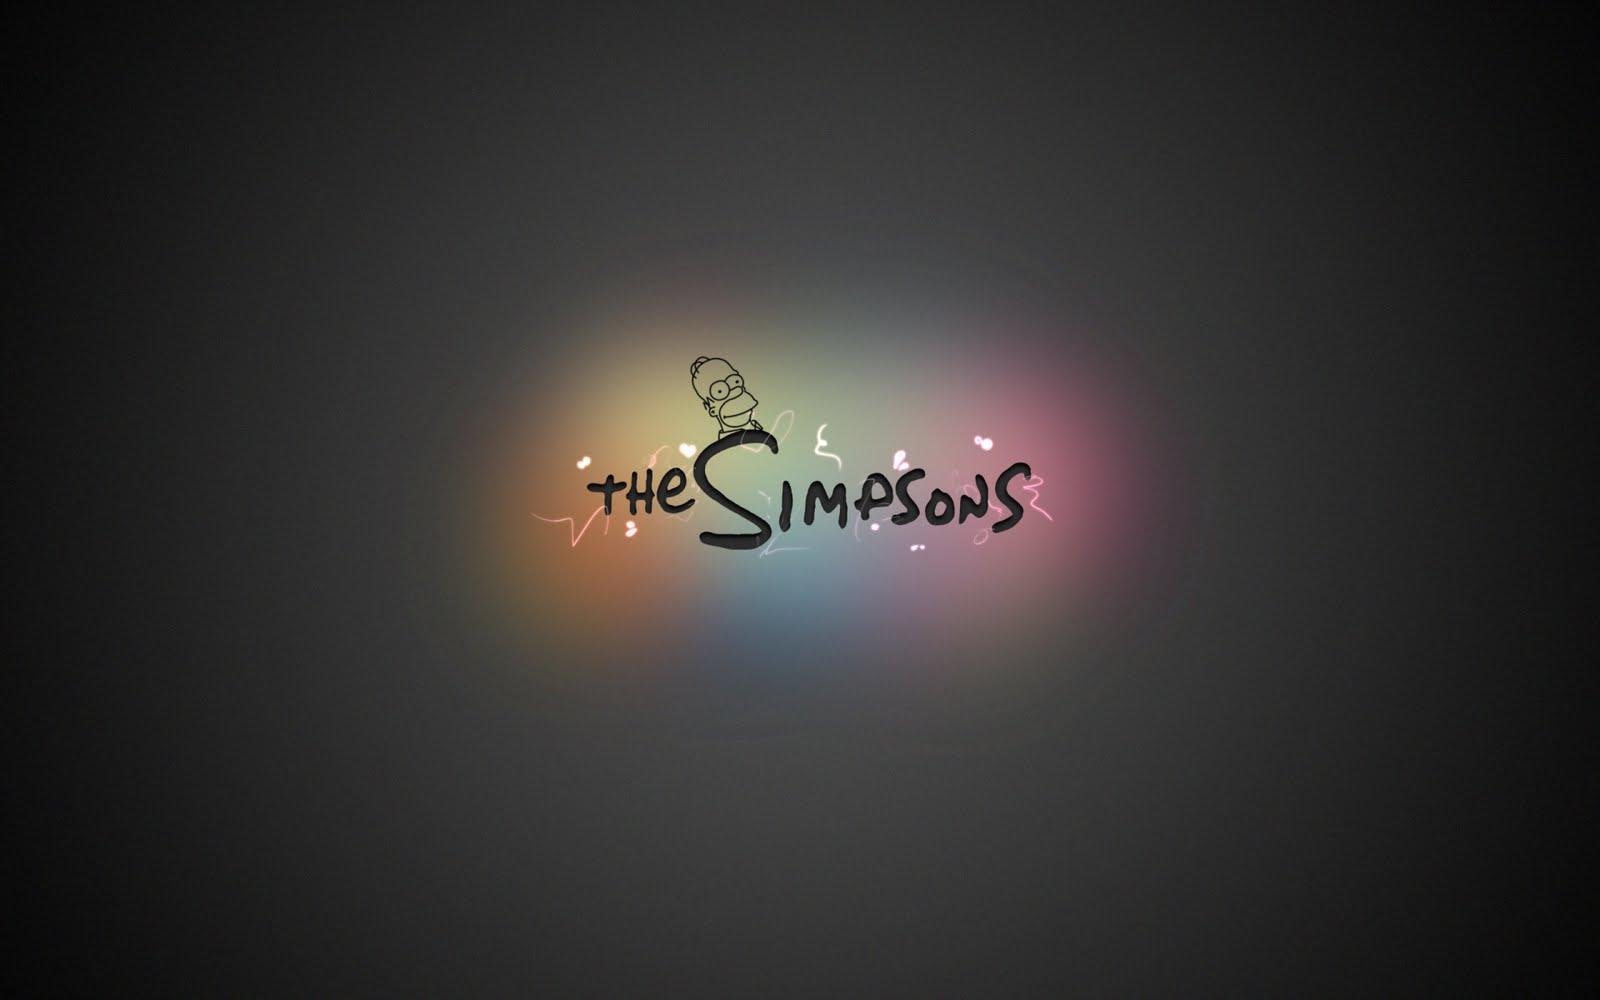 http://1.bp.blogspot.com/_4zTzx8QBOi8/TK8cCcpmeQI/AAAAAAAACmc/EbyNWthQuWk/s1600/Homer-The-Simpsons-Black-Wallpaper-792583.jpg